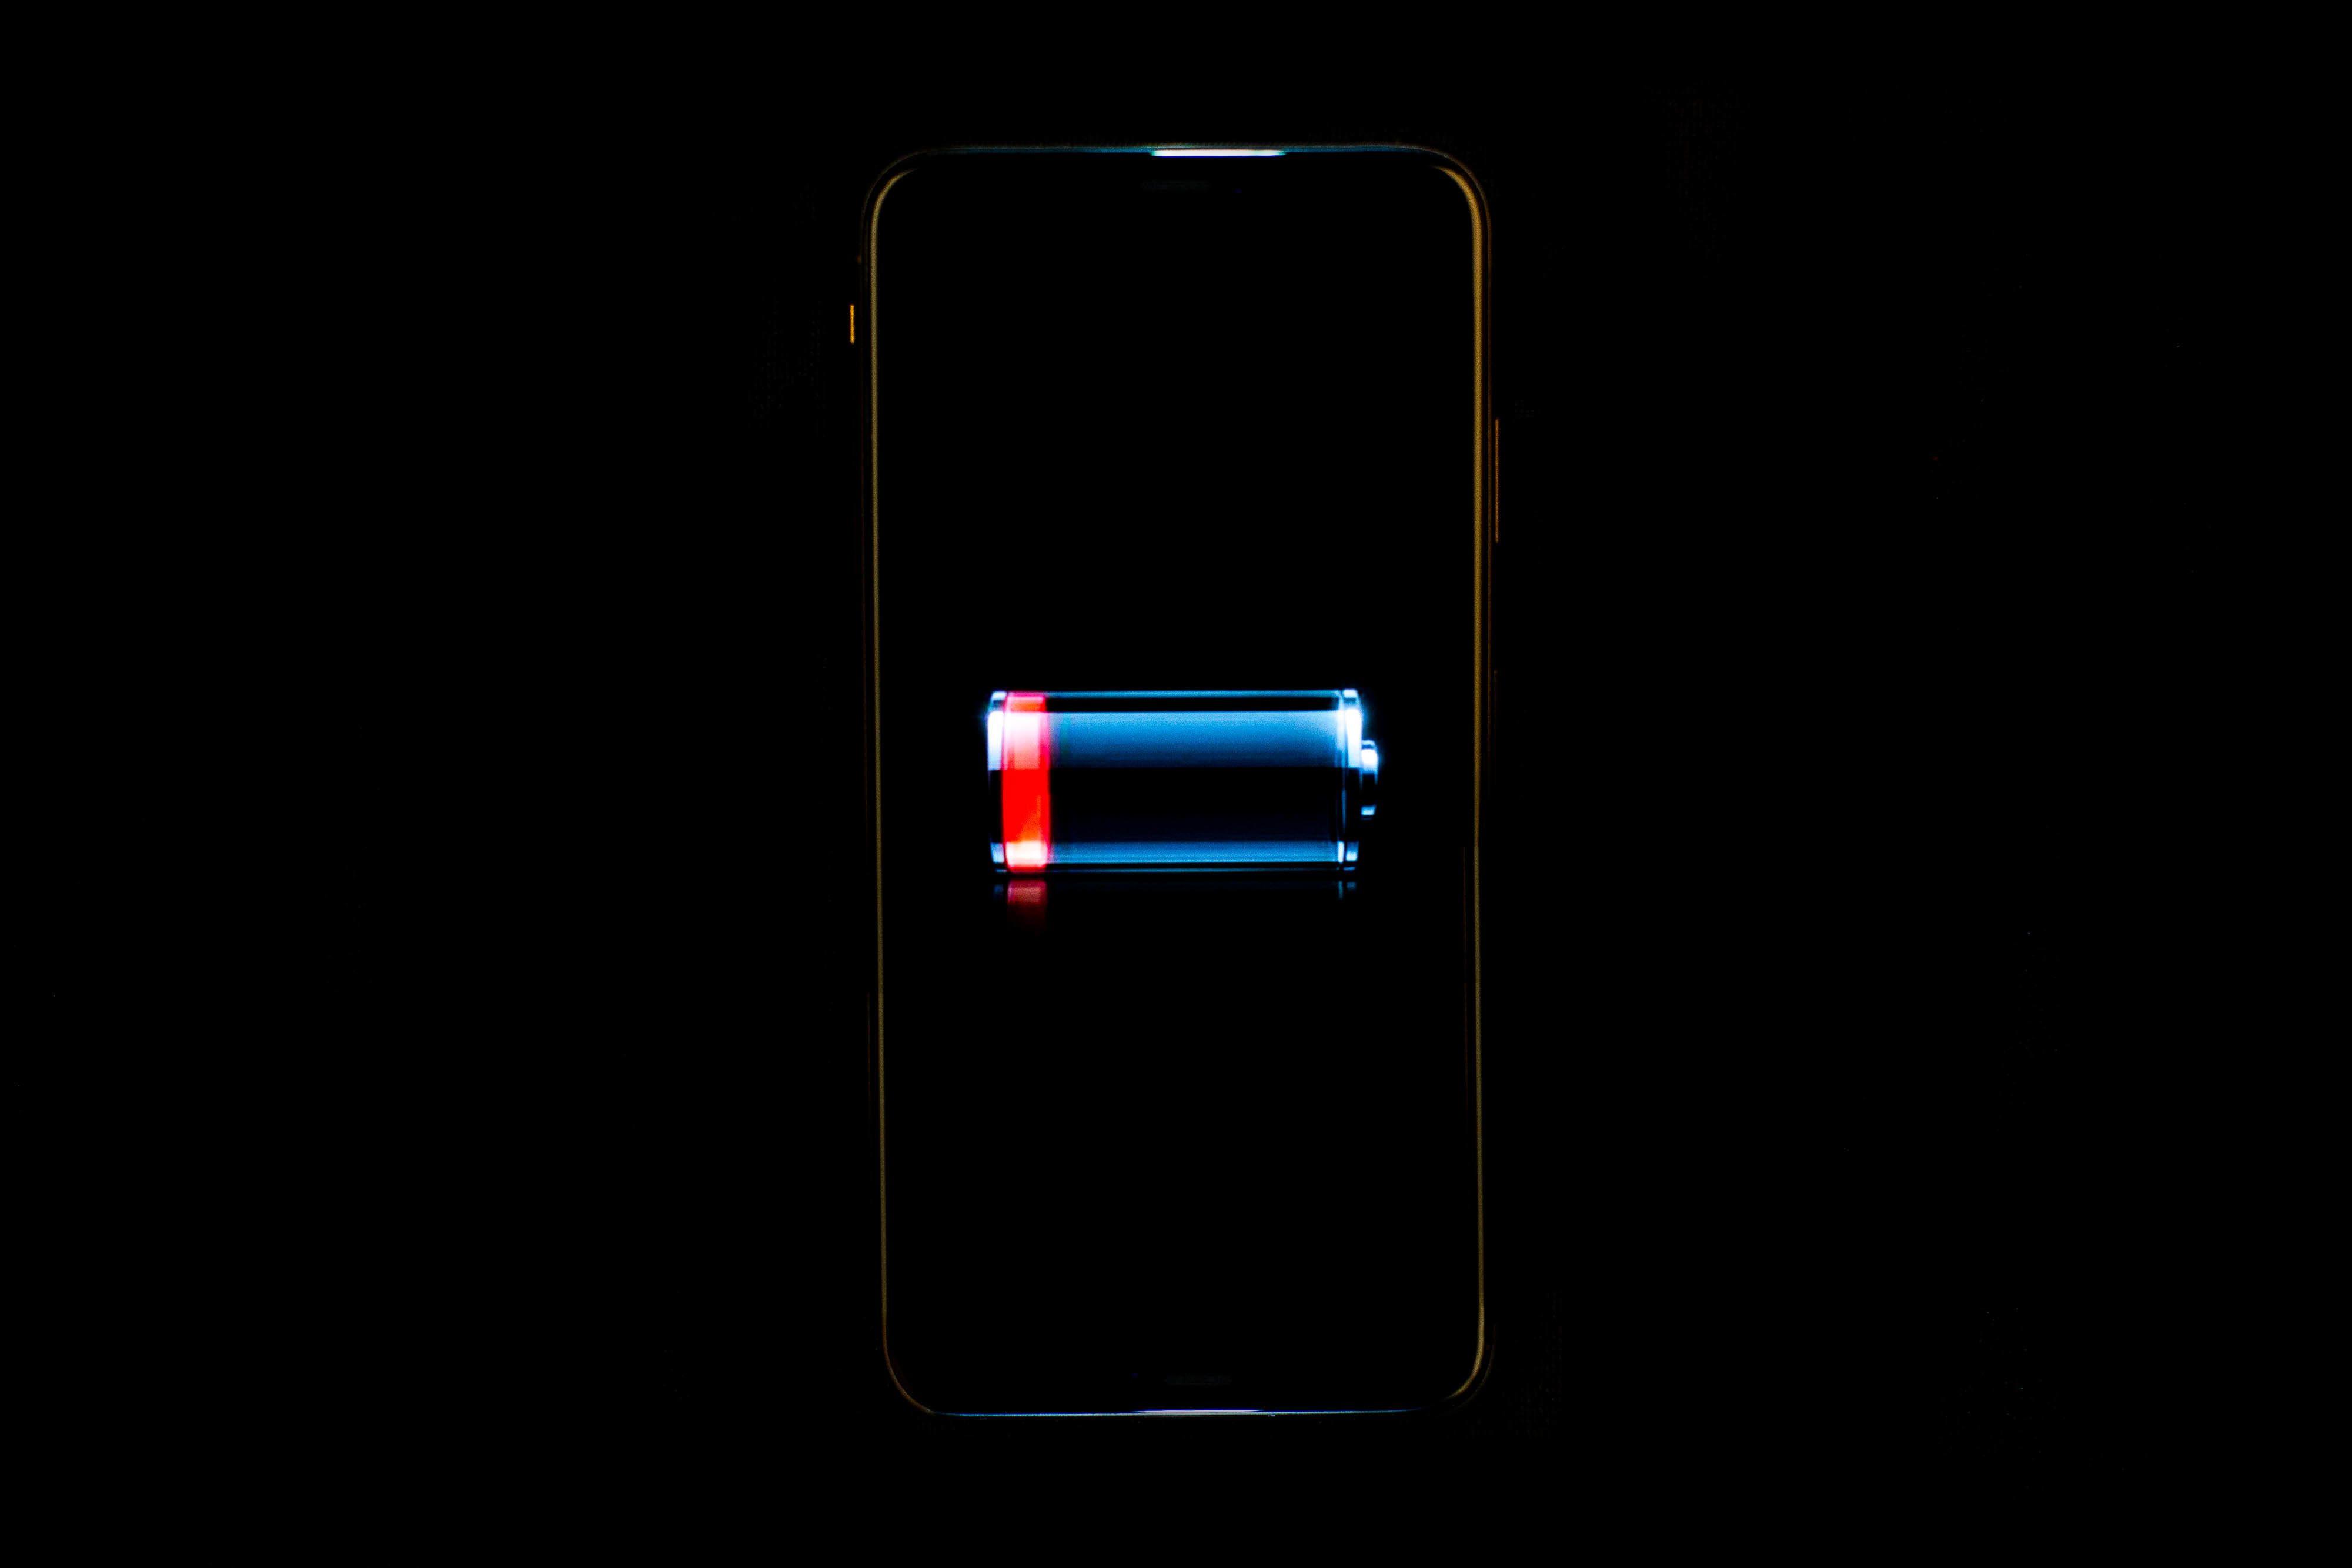 Điều gì xảy ra với pin smartphone khi sạc nhanh?